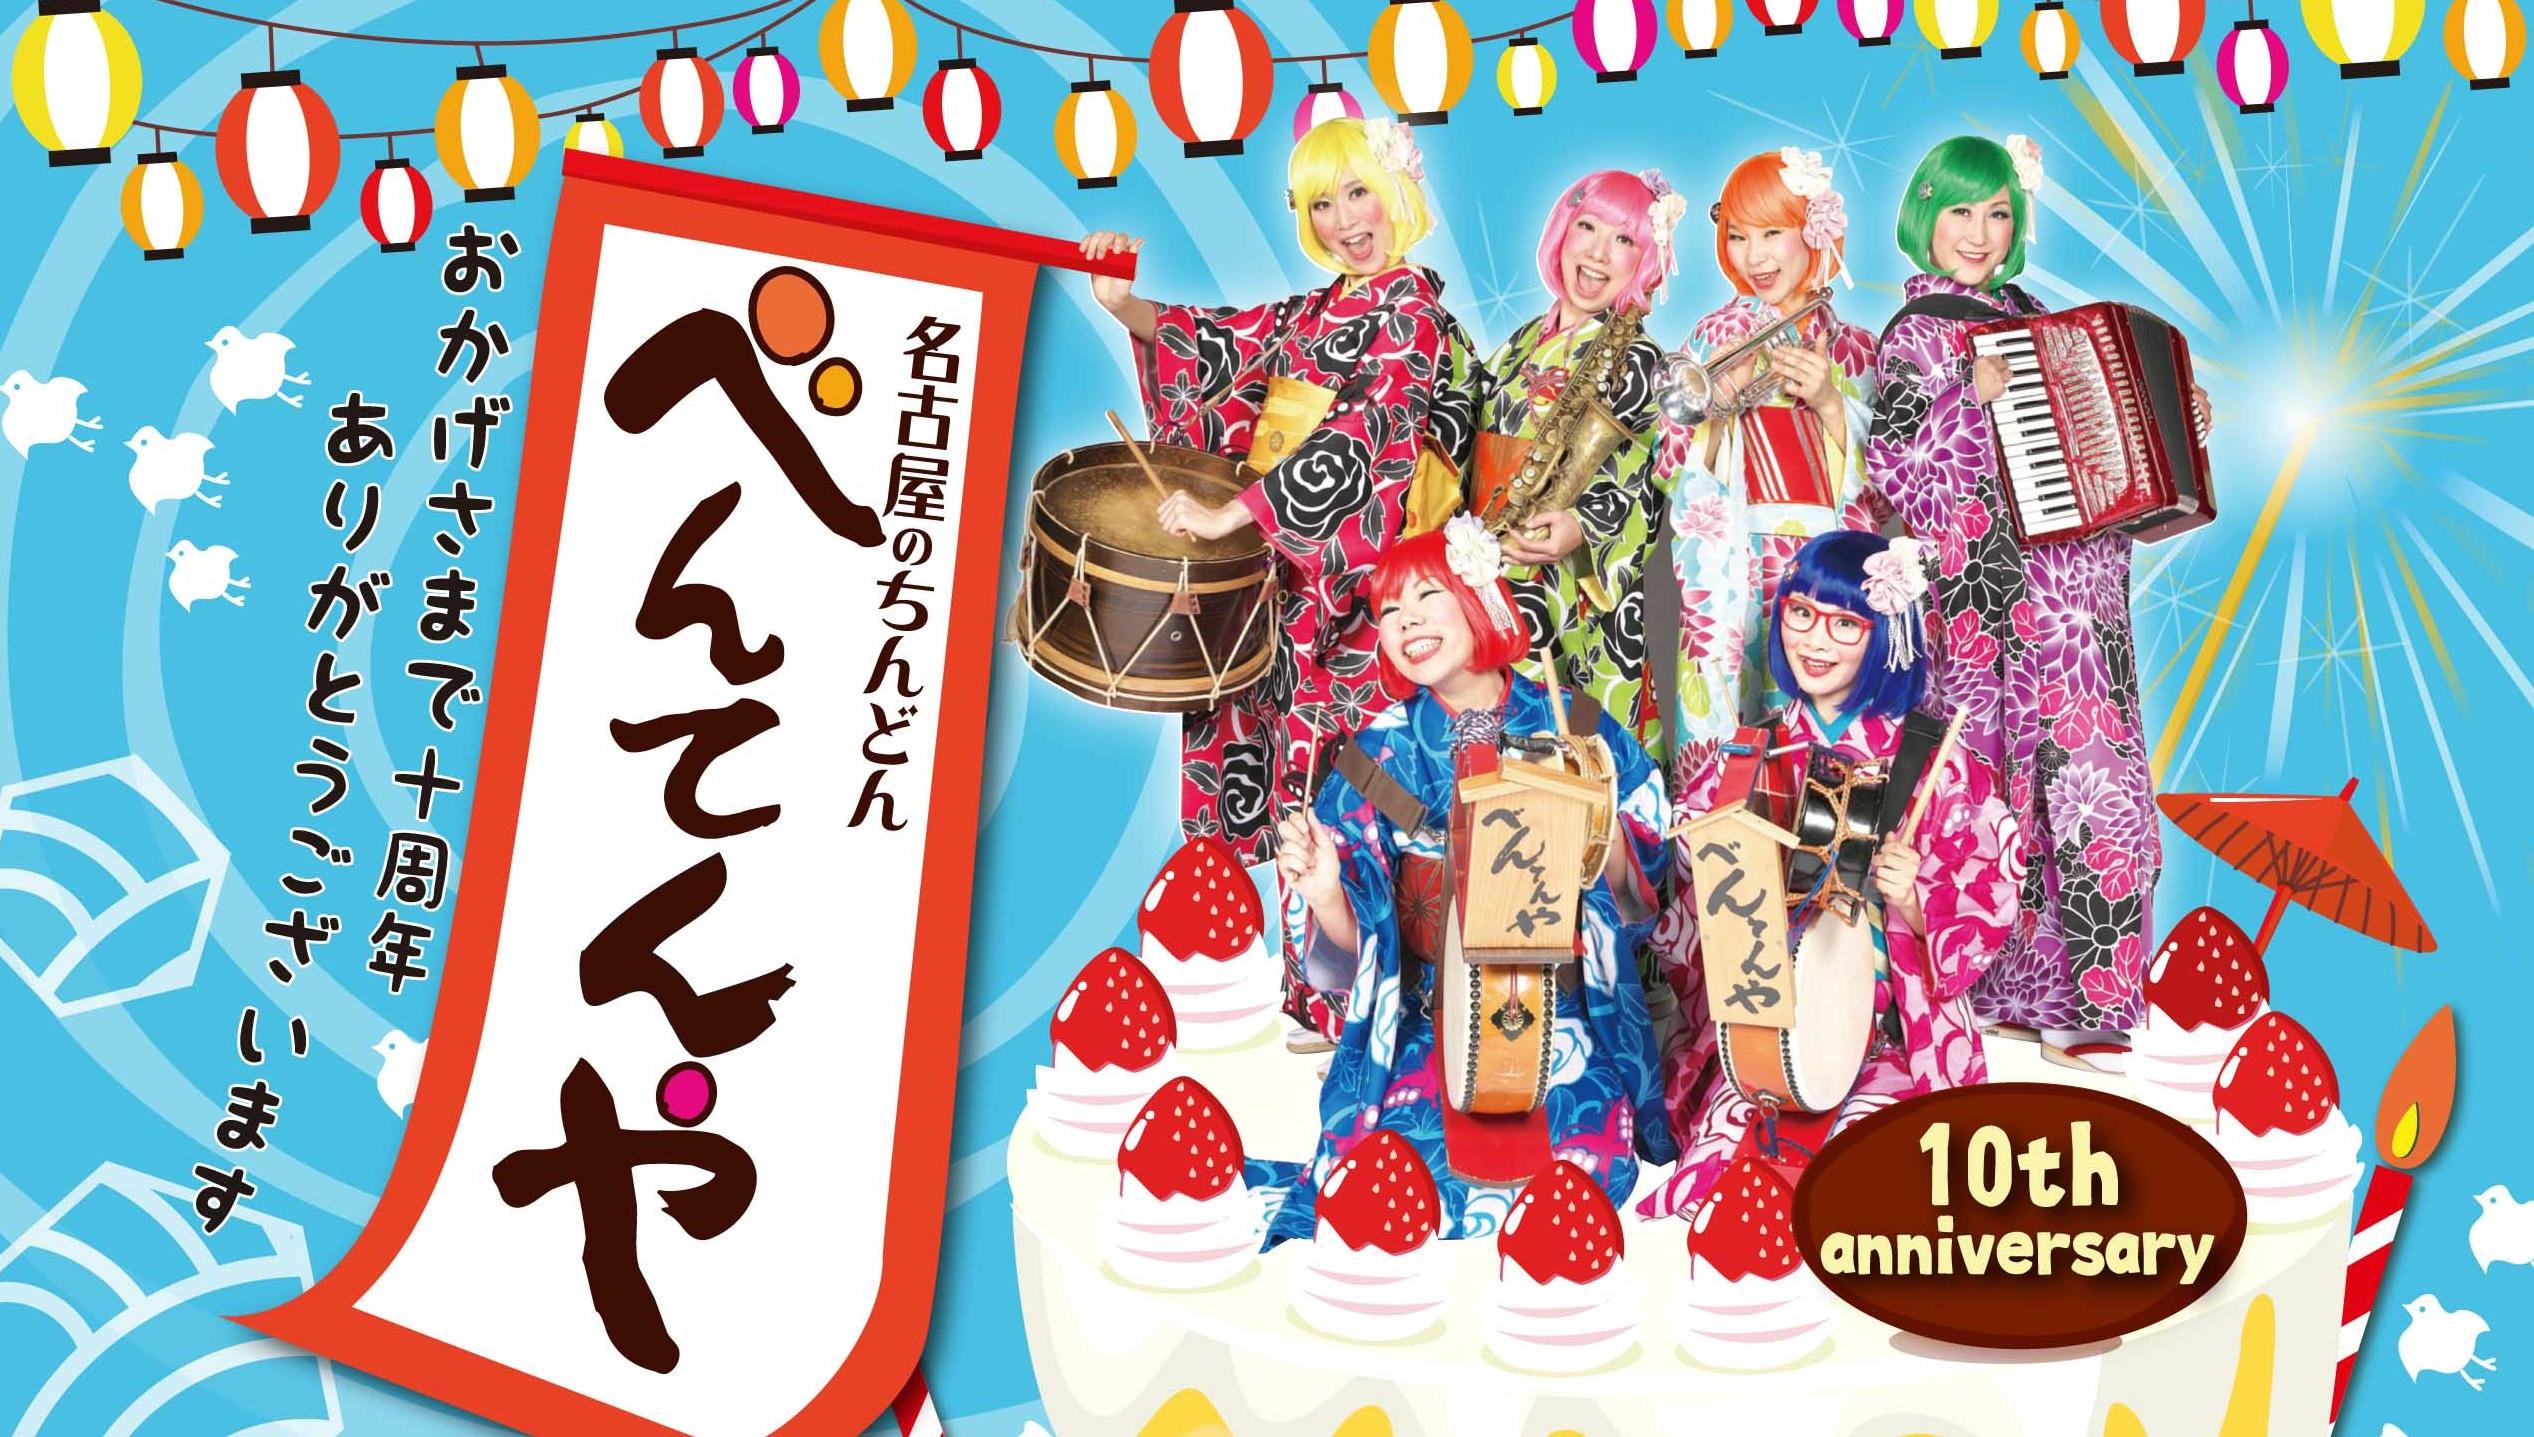 2018年6月30日 べんてんや旗揚げ10周年記念公演@大須演芸場 (→無事終了しました♪)